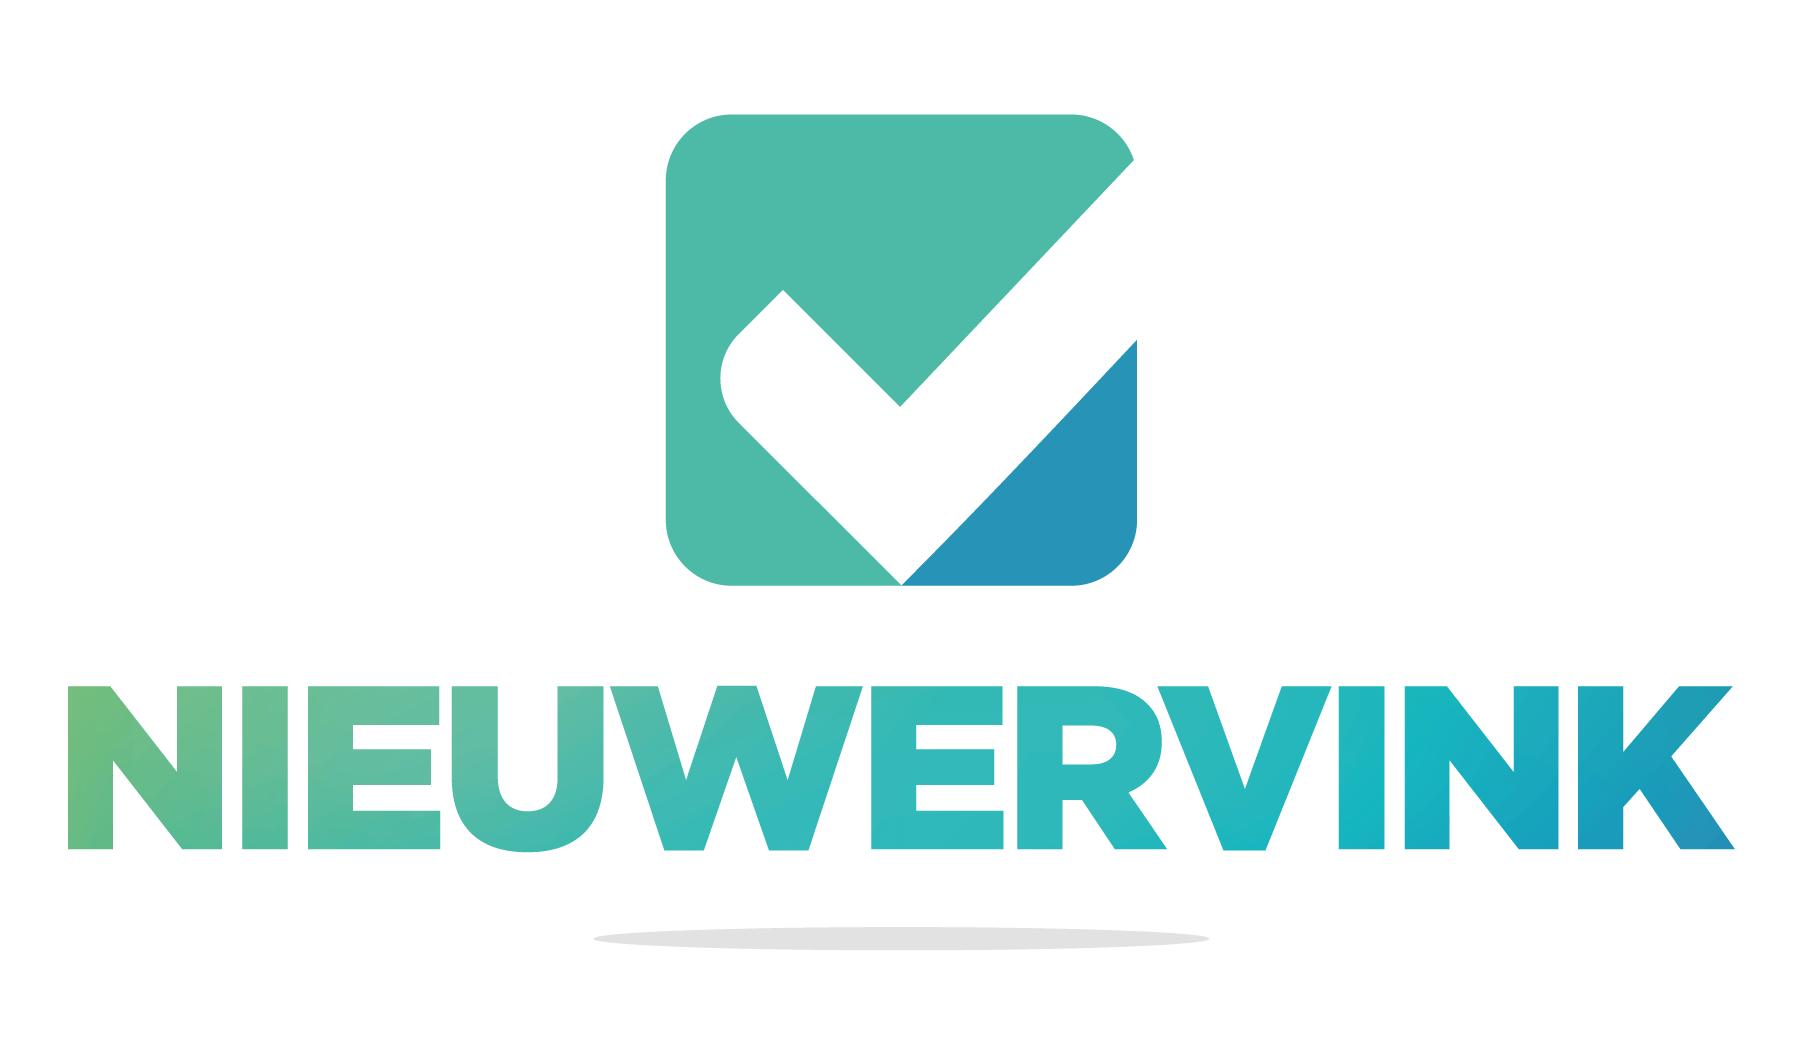 Nieuwervink